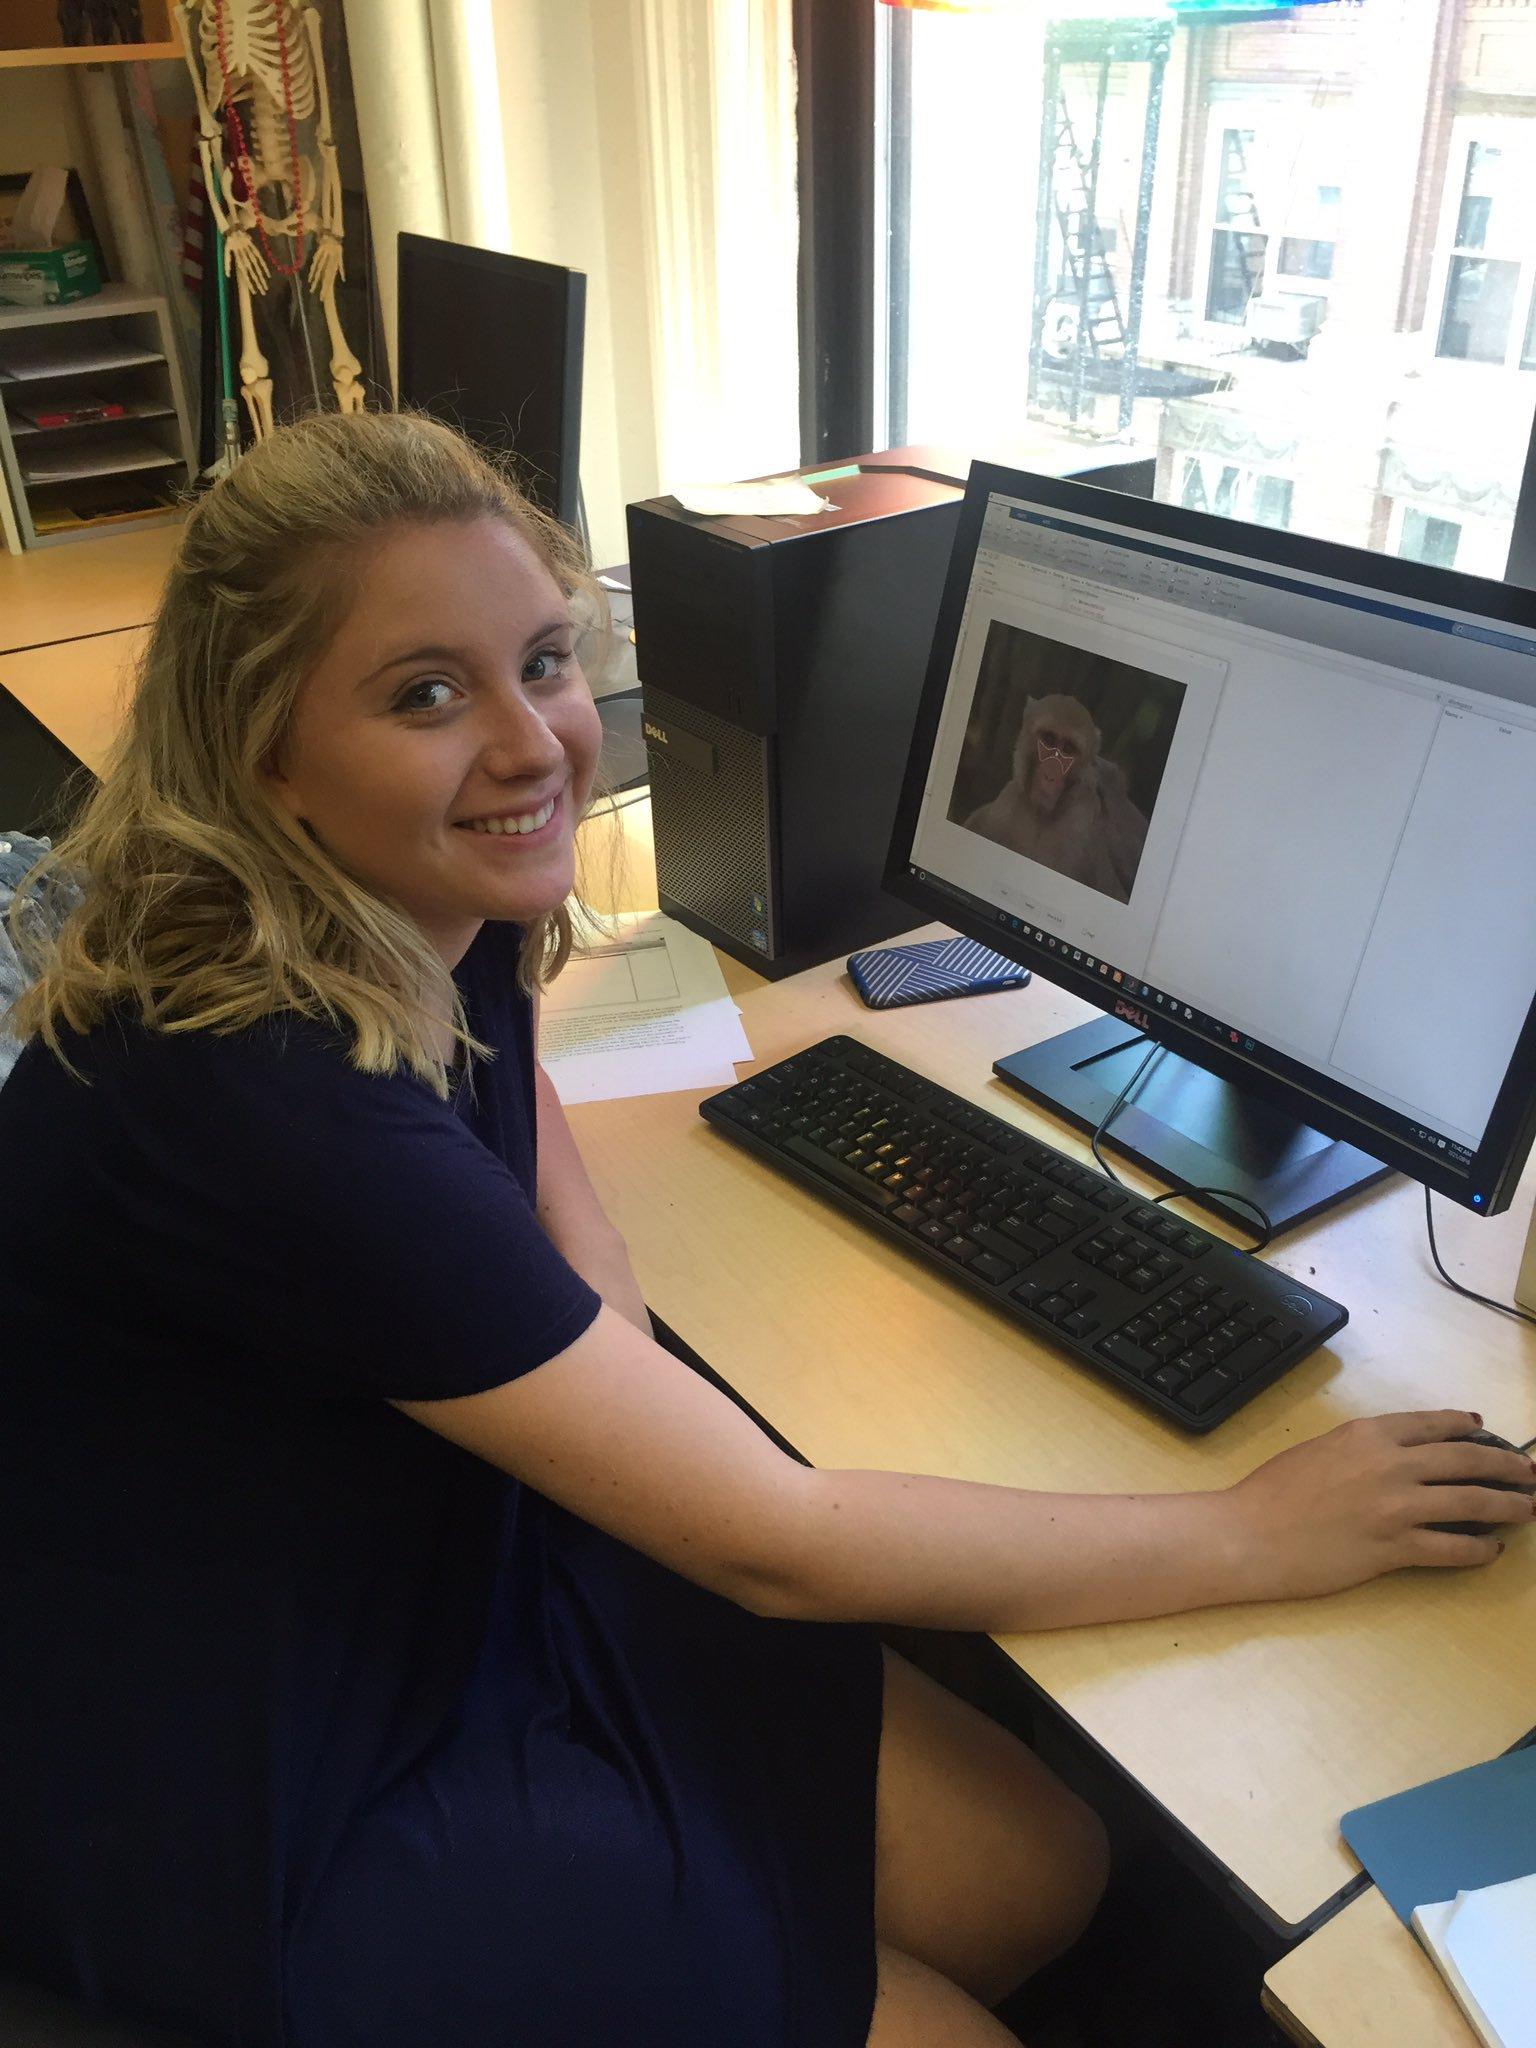 Flavia (undergraduate intern) measuring images of rhesus macaque faces.